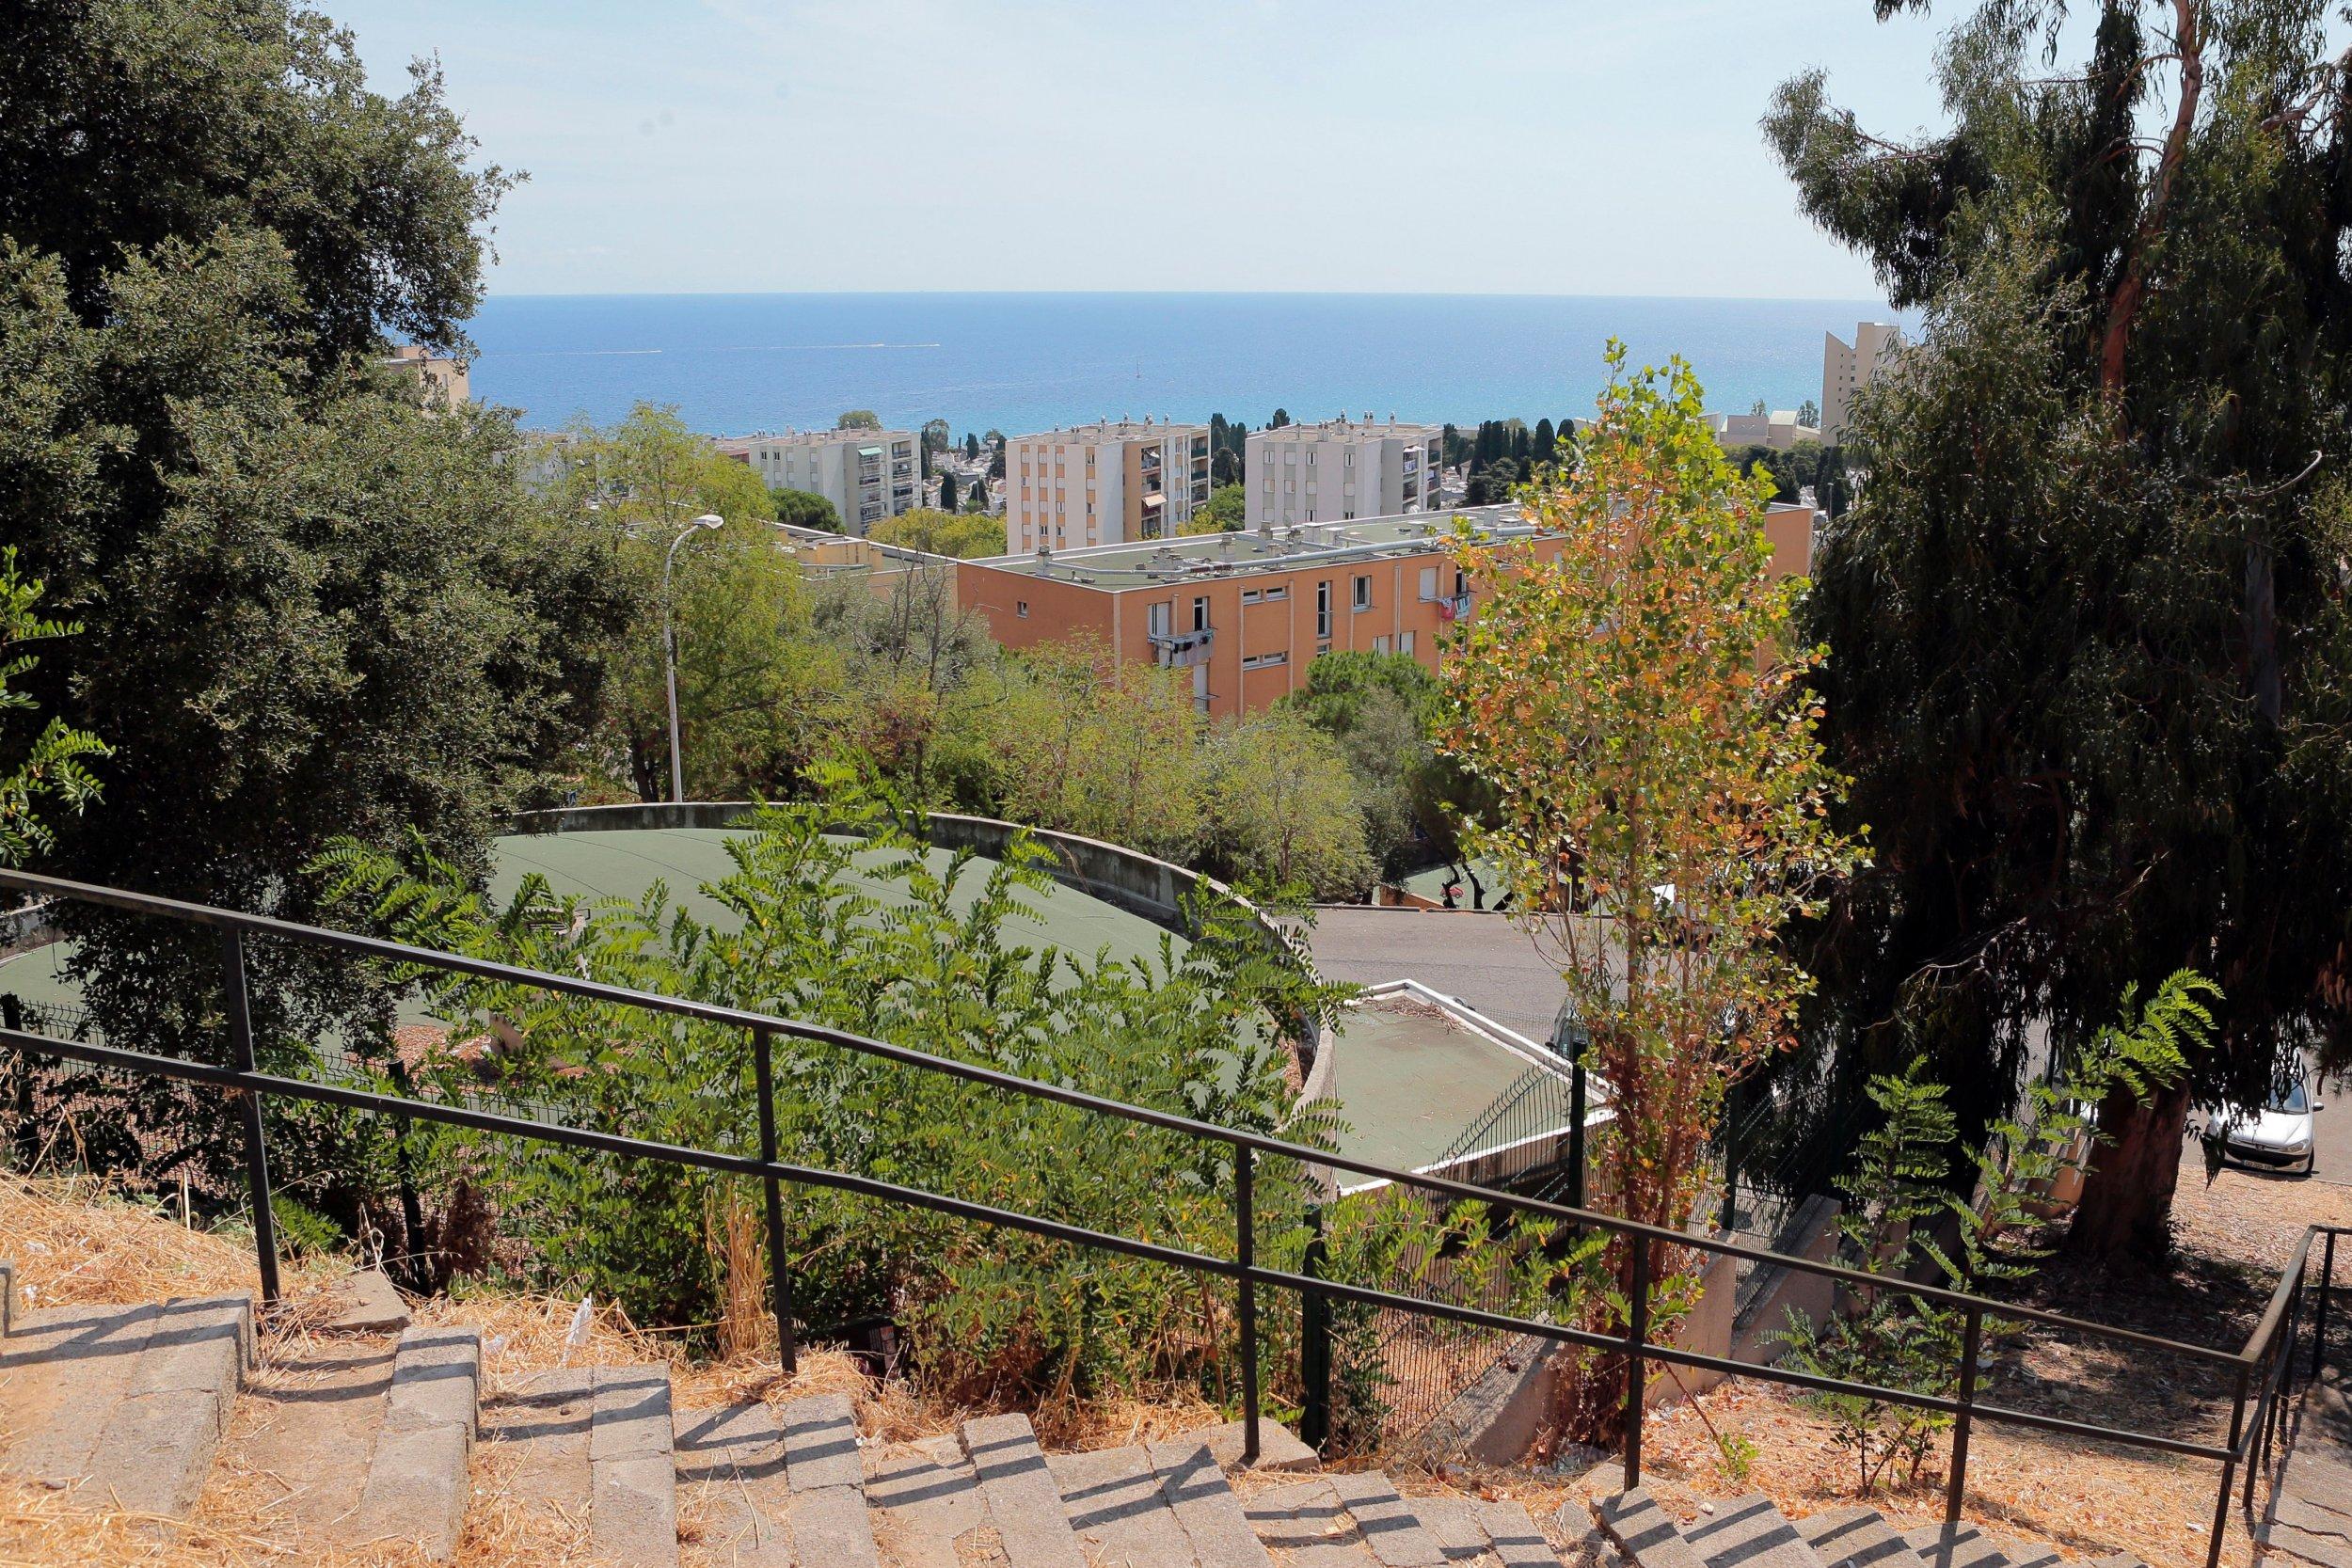 The Lupino district of Bastia, Corsica.